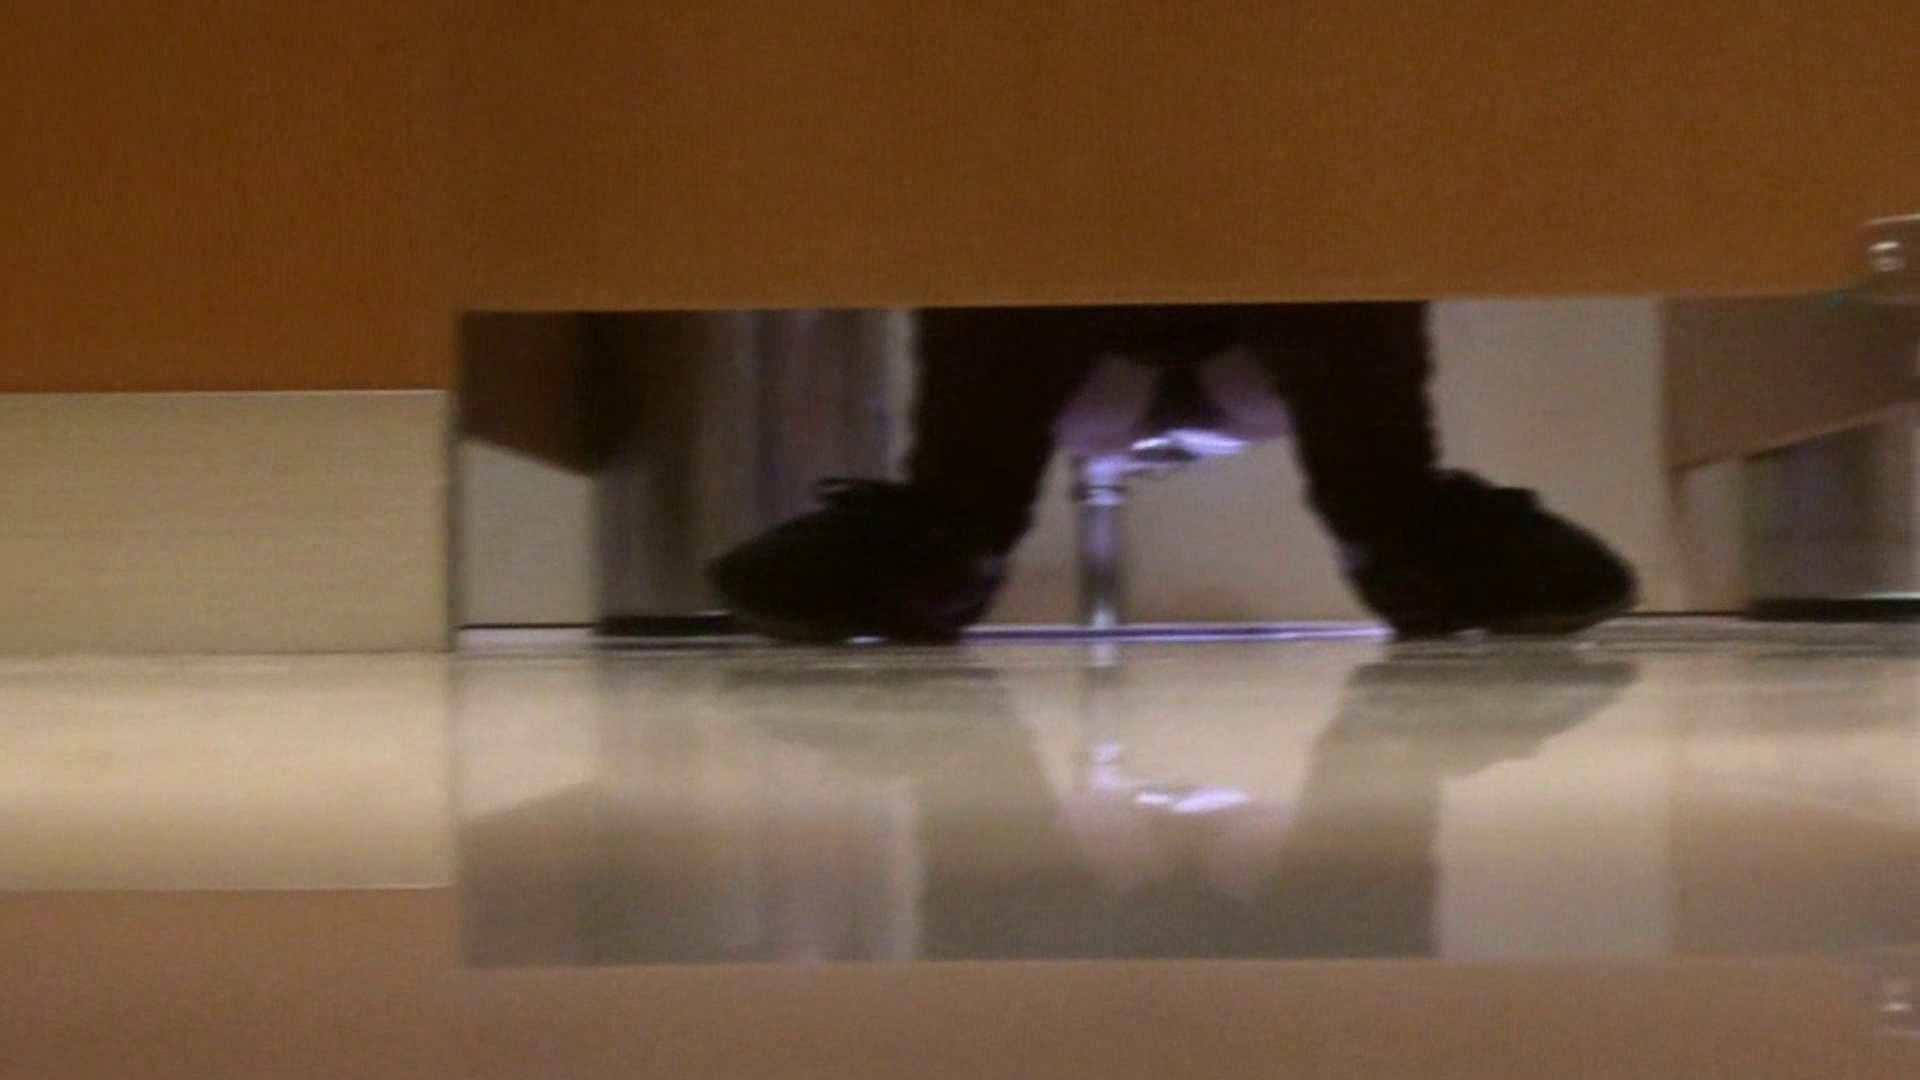 「噂」の国の厠観察日記2 Vol.01 美しいOLの裸体  102pic 33